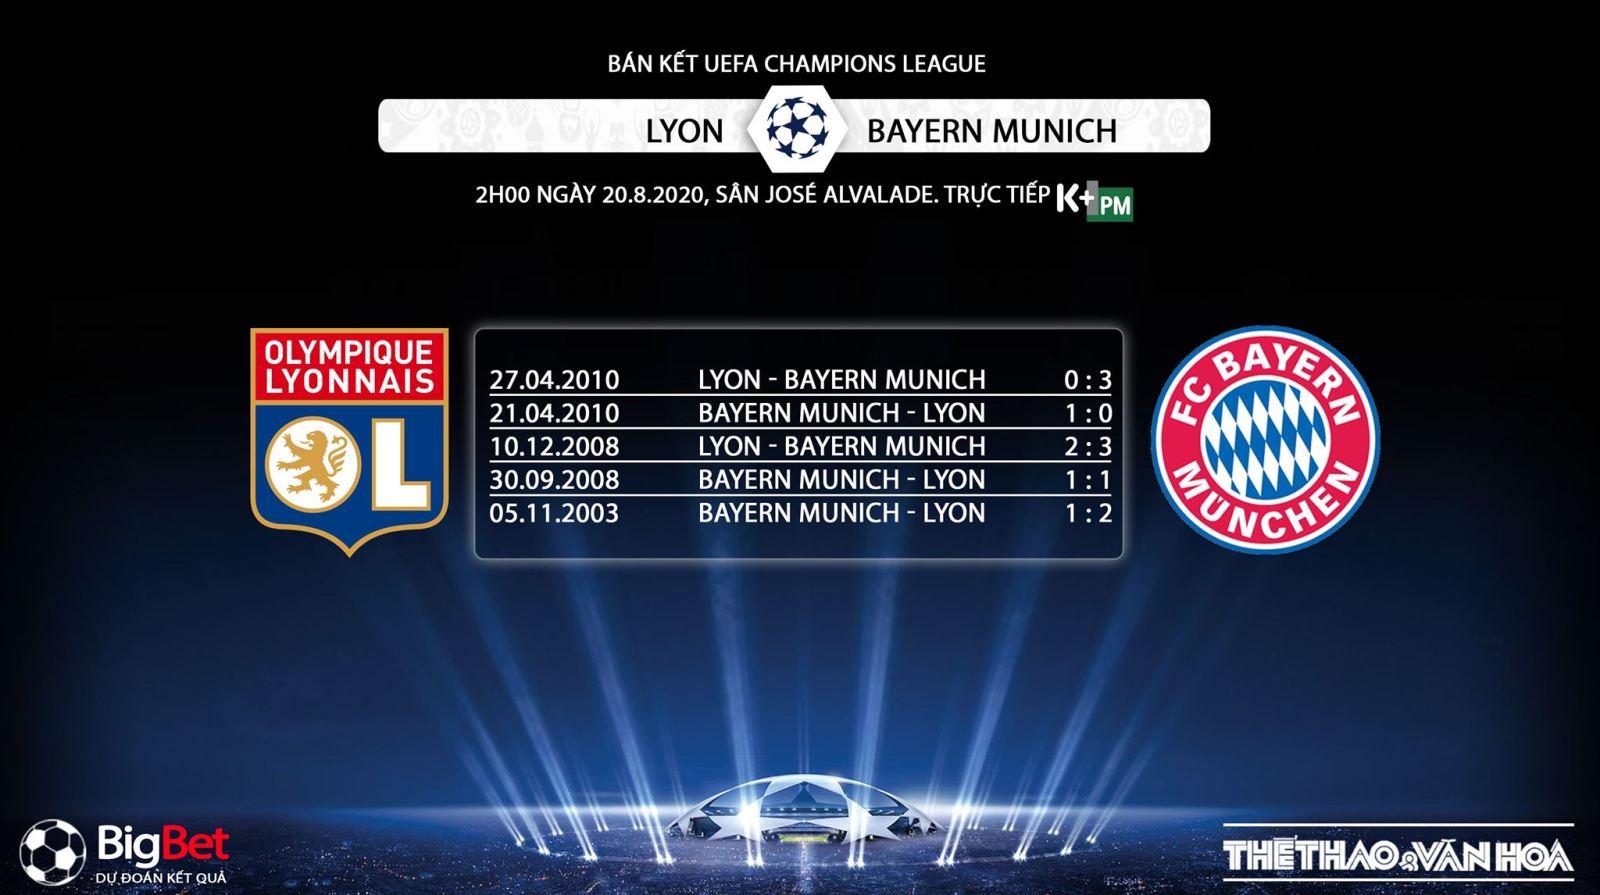 Keo nha cai, kèo nhà cái, Lyon vs Bayern Munich, Bán kết cúp C1châu Âu, Bán kết Champions League, K+, K+PM trực tiếp bóng đá, Kèo bóng đá Bayern, Kèo Bayern Munich